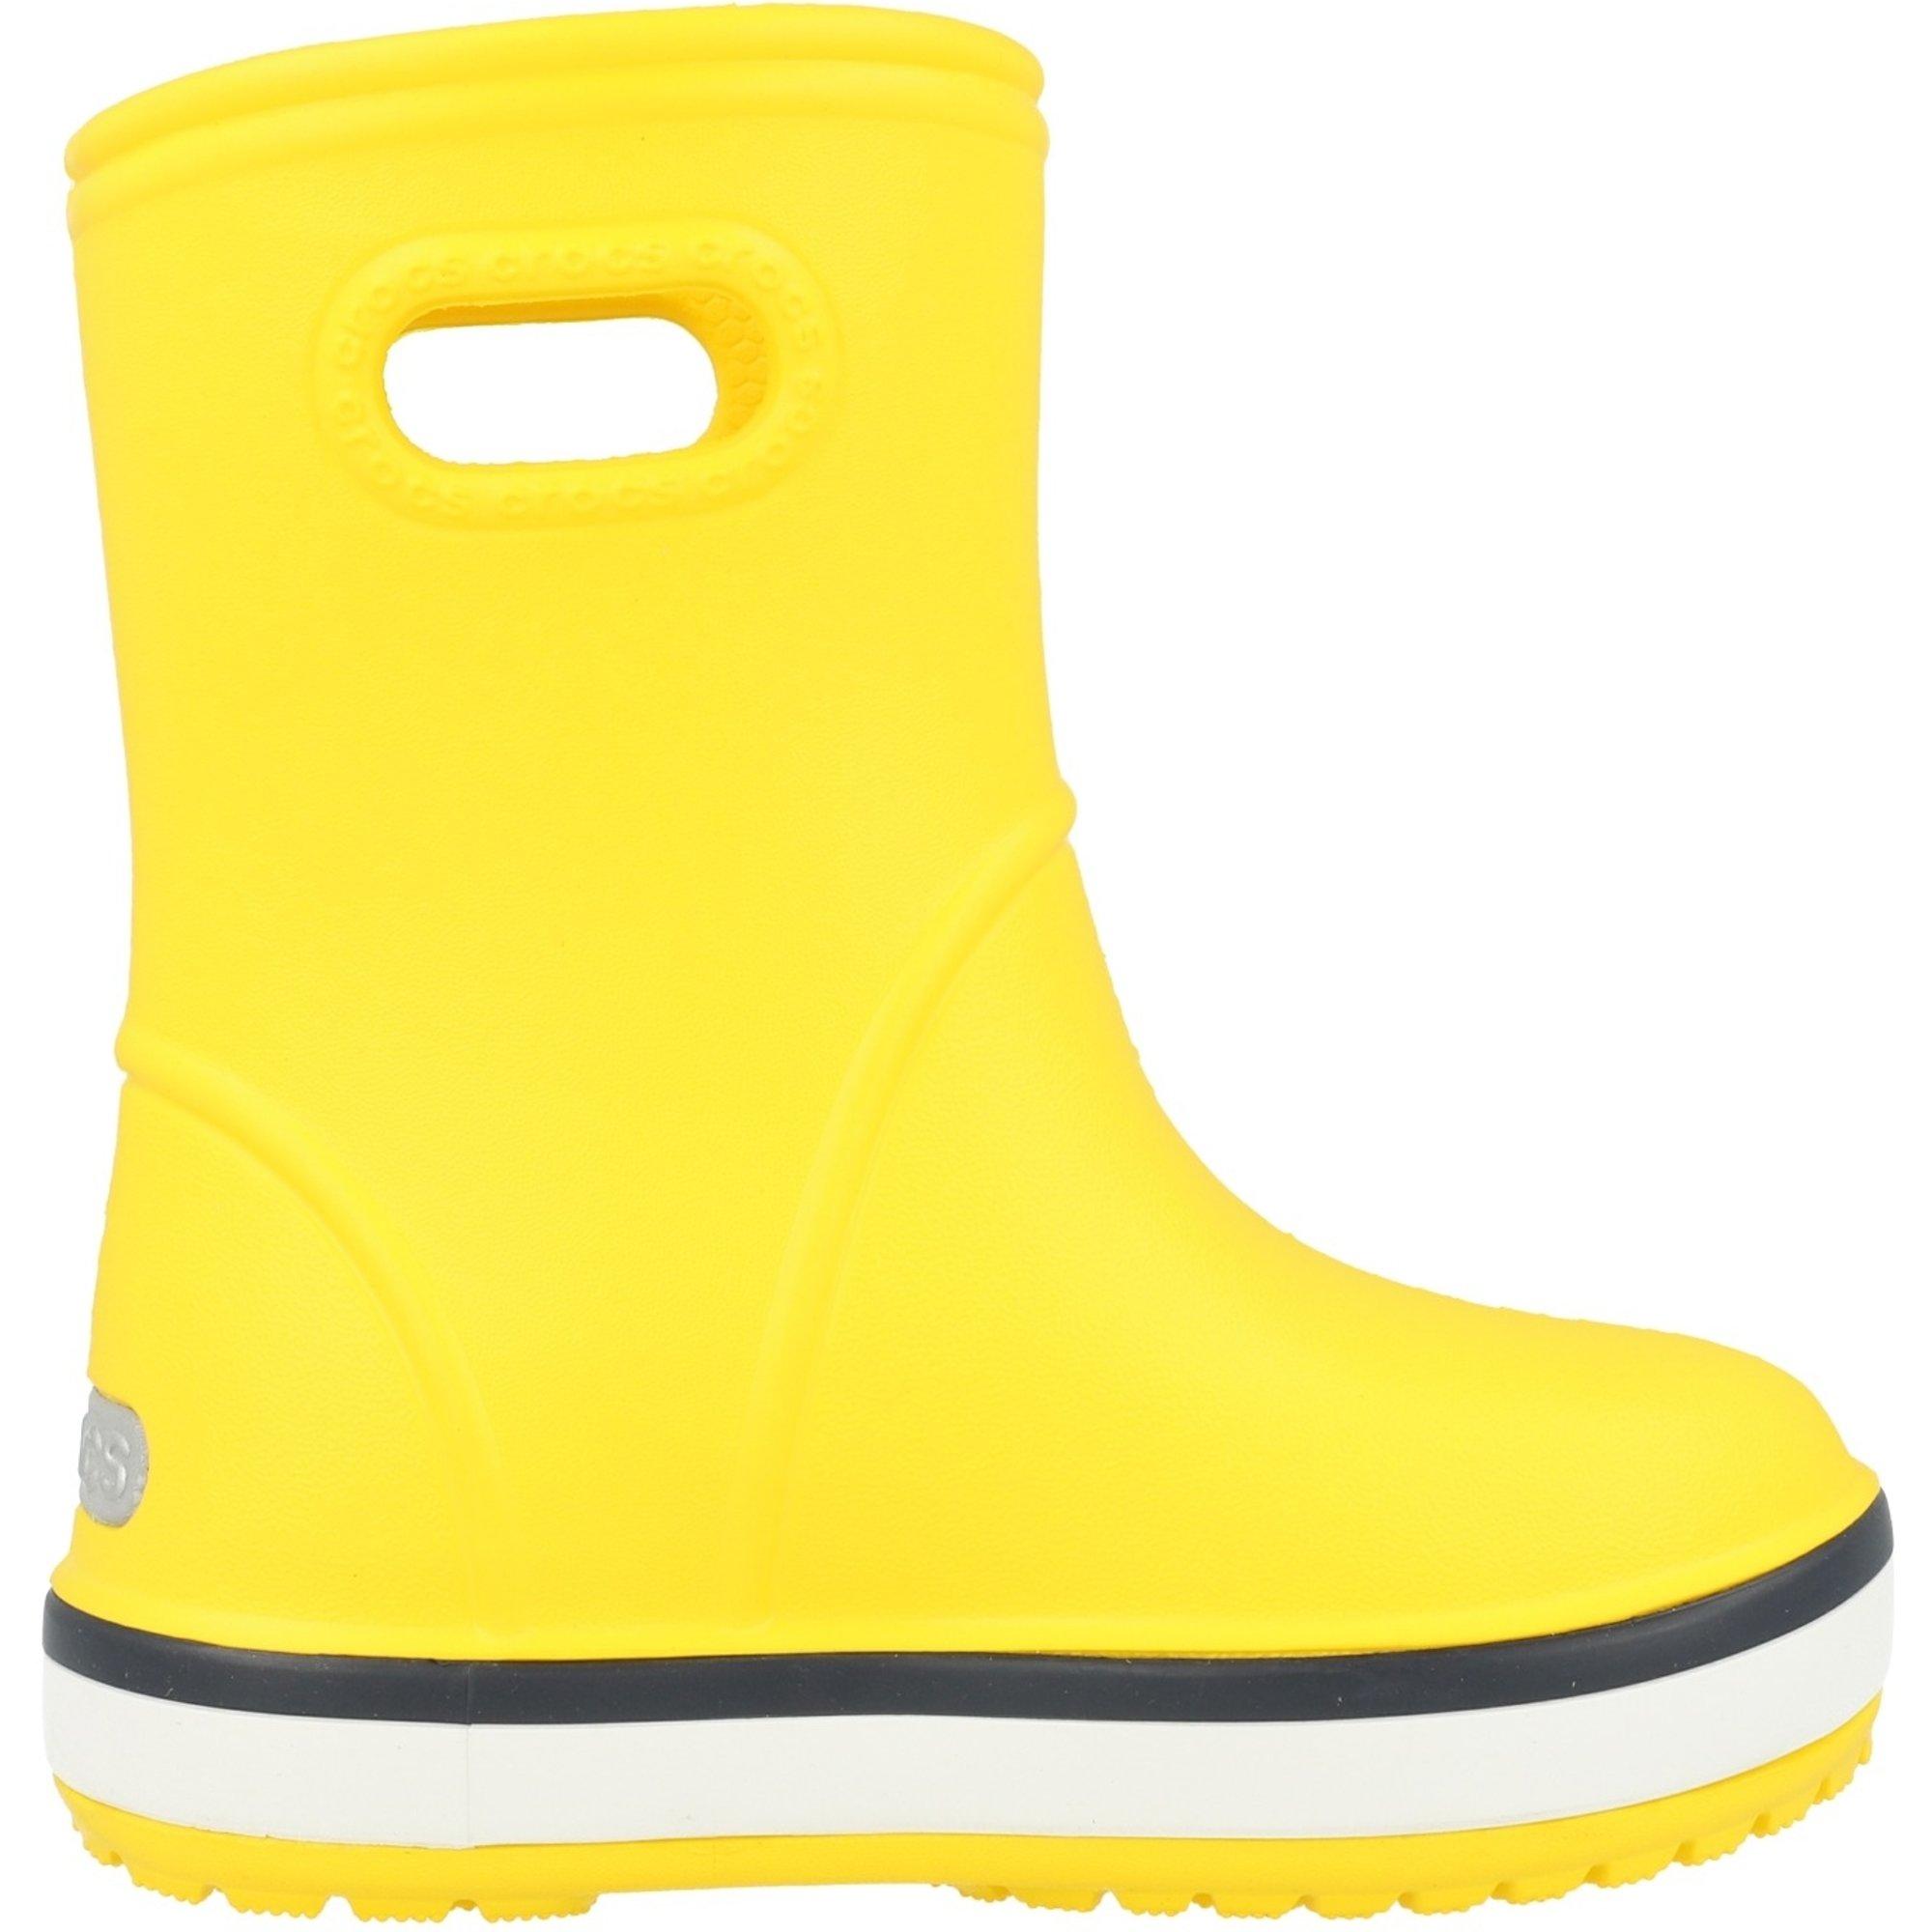 Crocs Kids Crocband Rain Boot Yellow/Navy Croslite